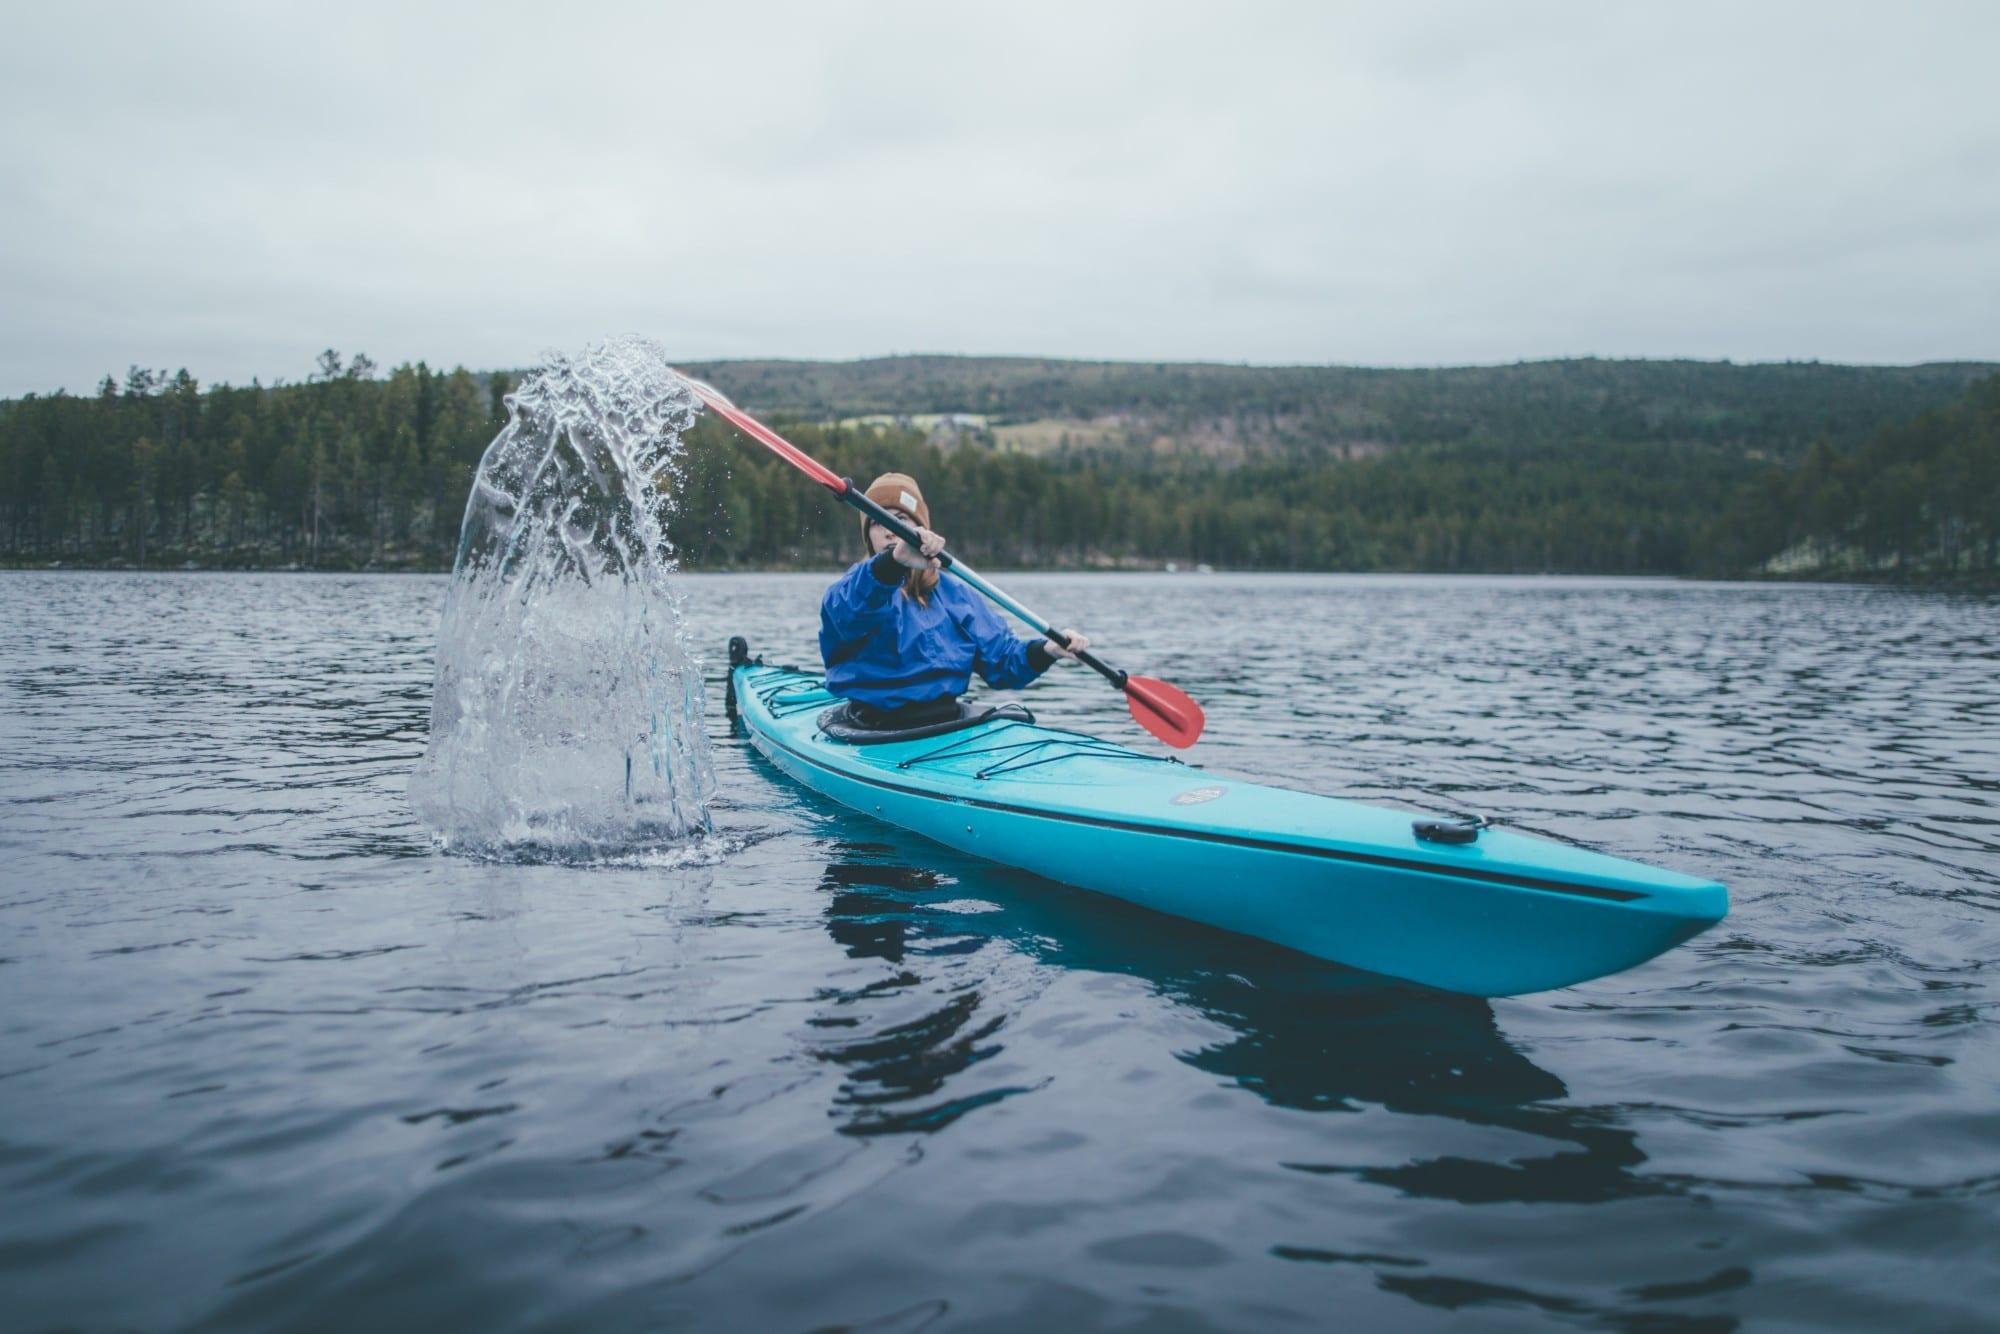 En person som er ute og padler kajakk. Åren spruter vann.